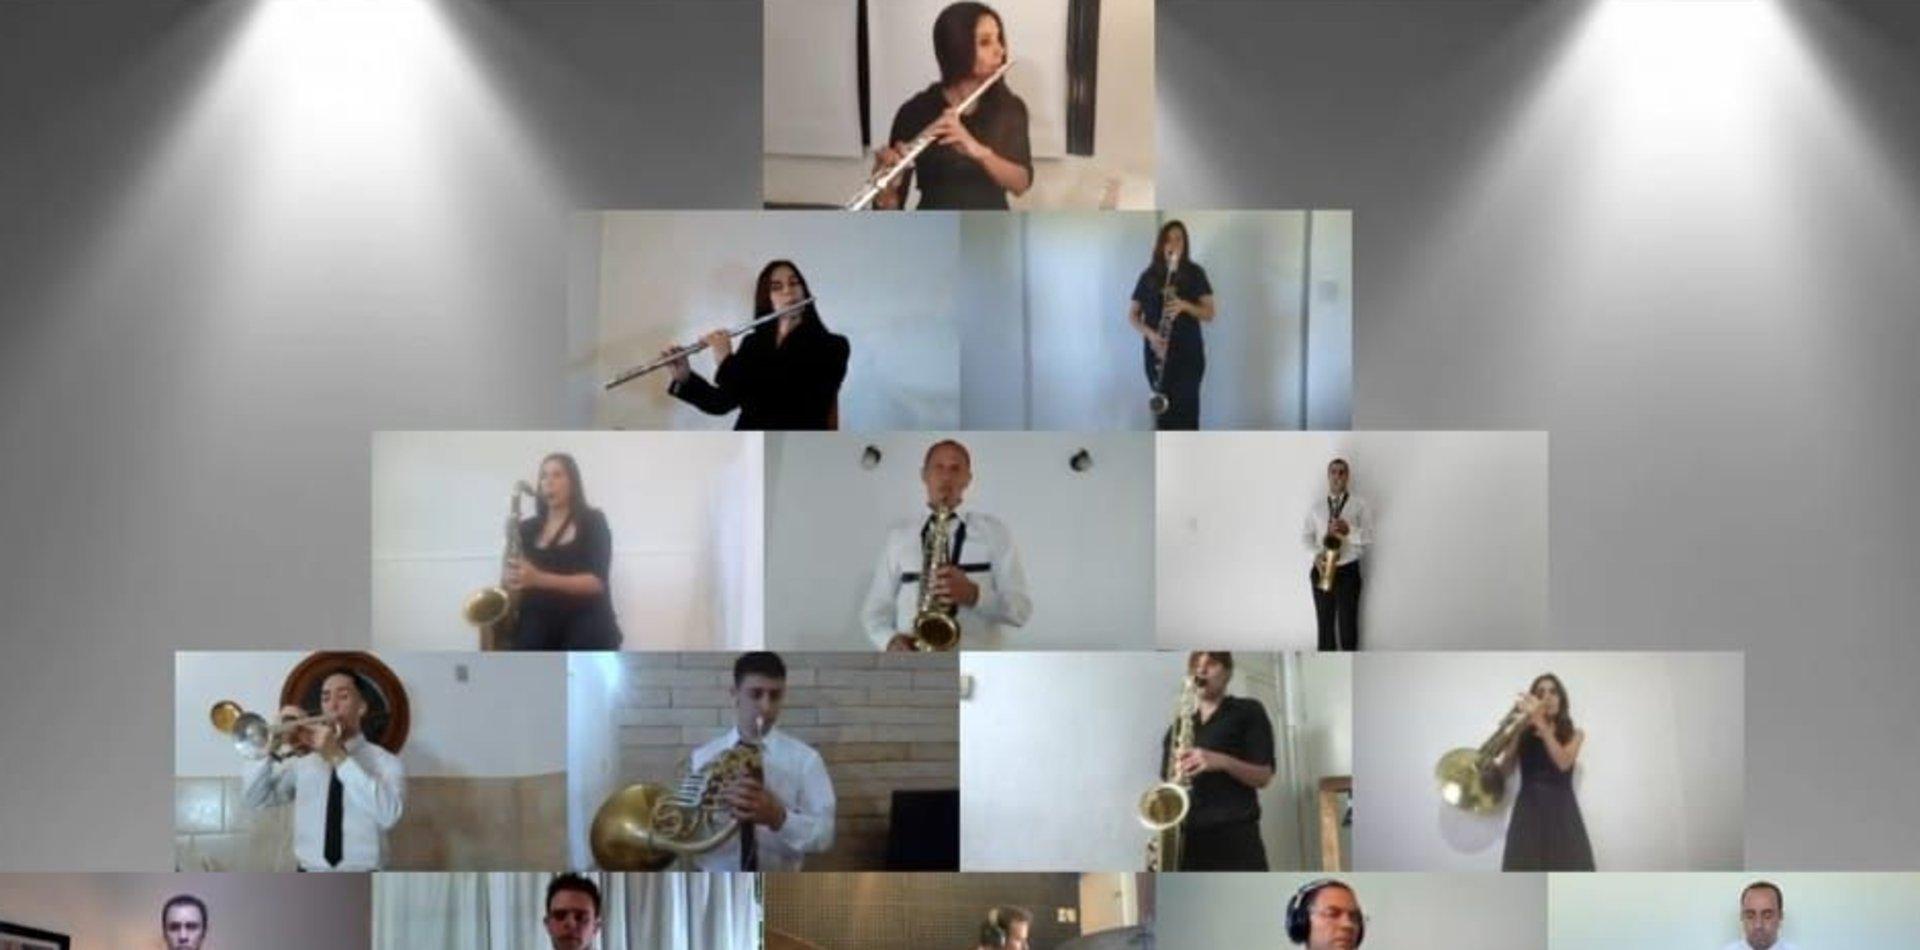 VIDEO: La banda del SPB grabó un enganchado de temas de Virus con Federico Moura